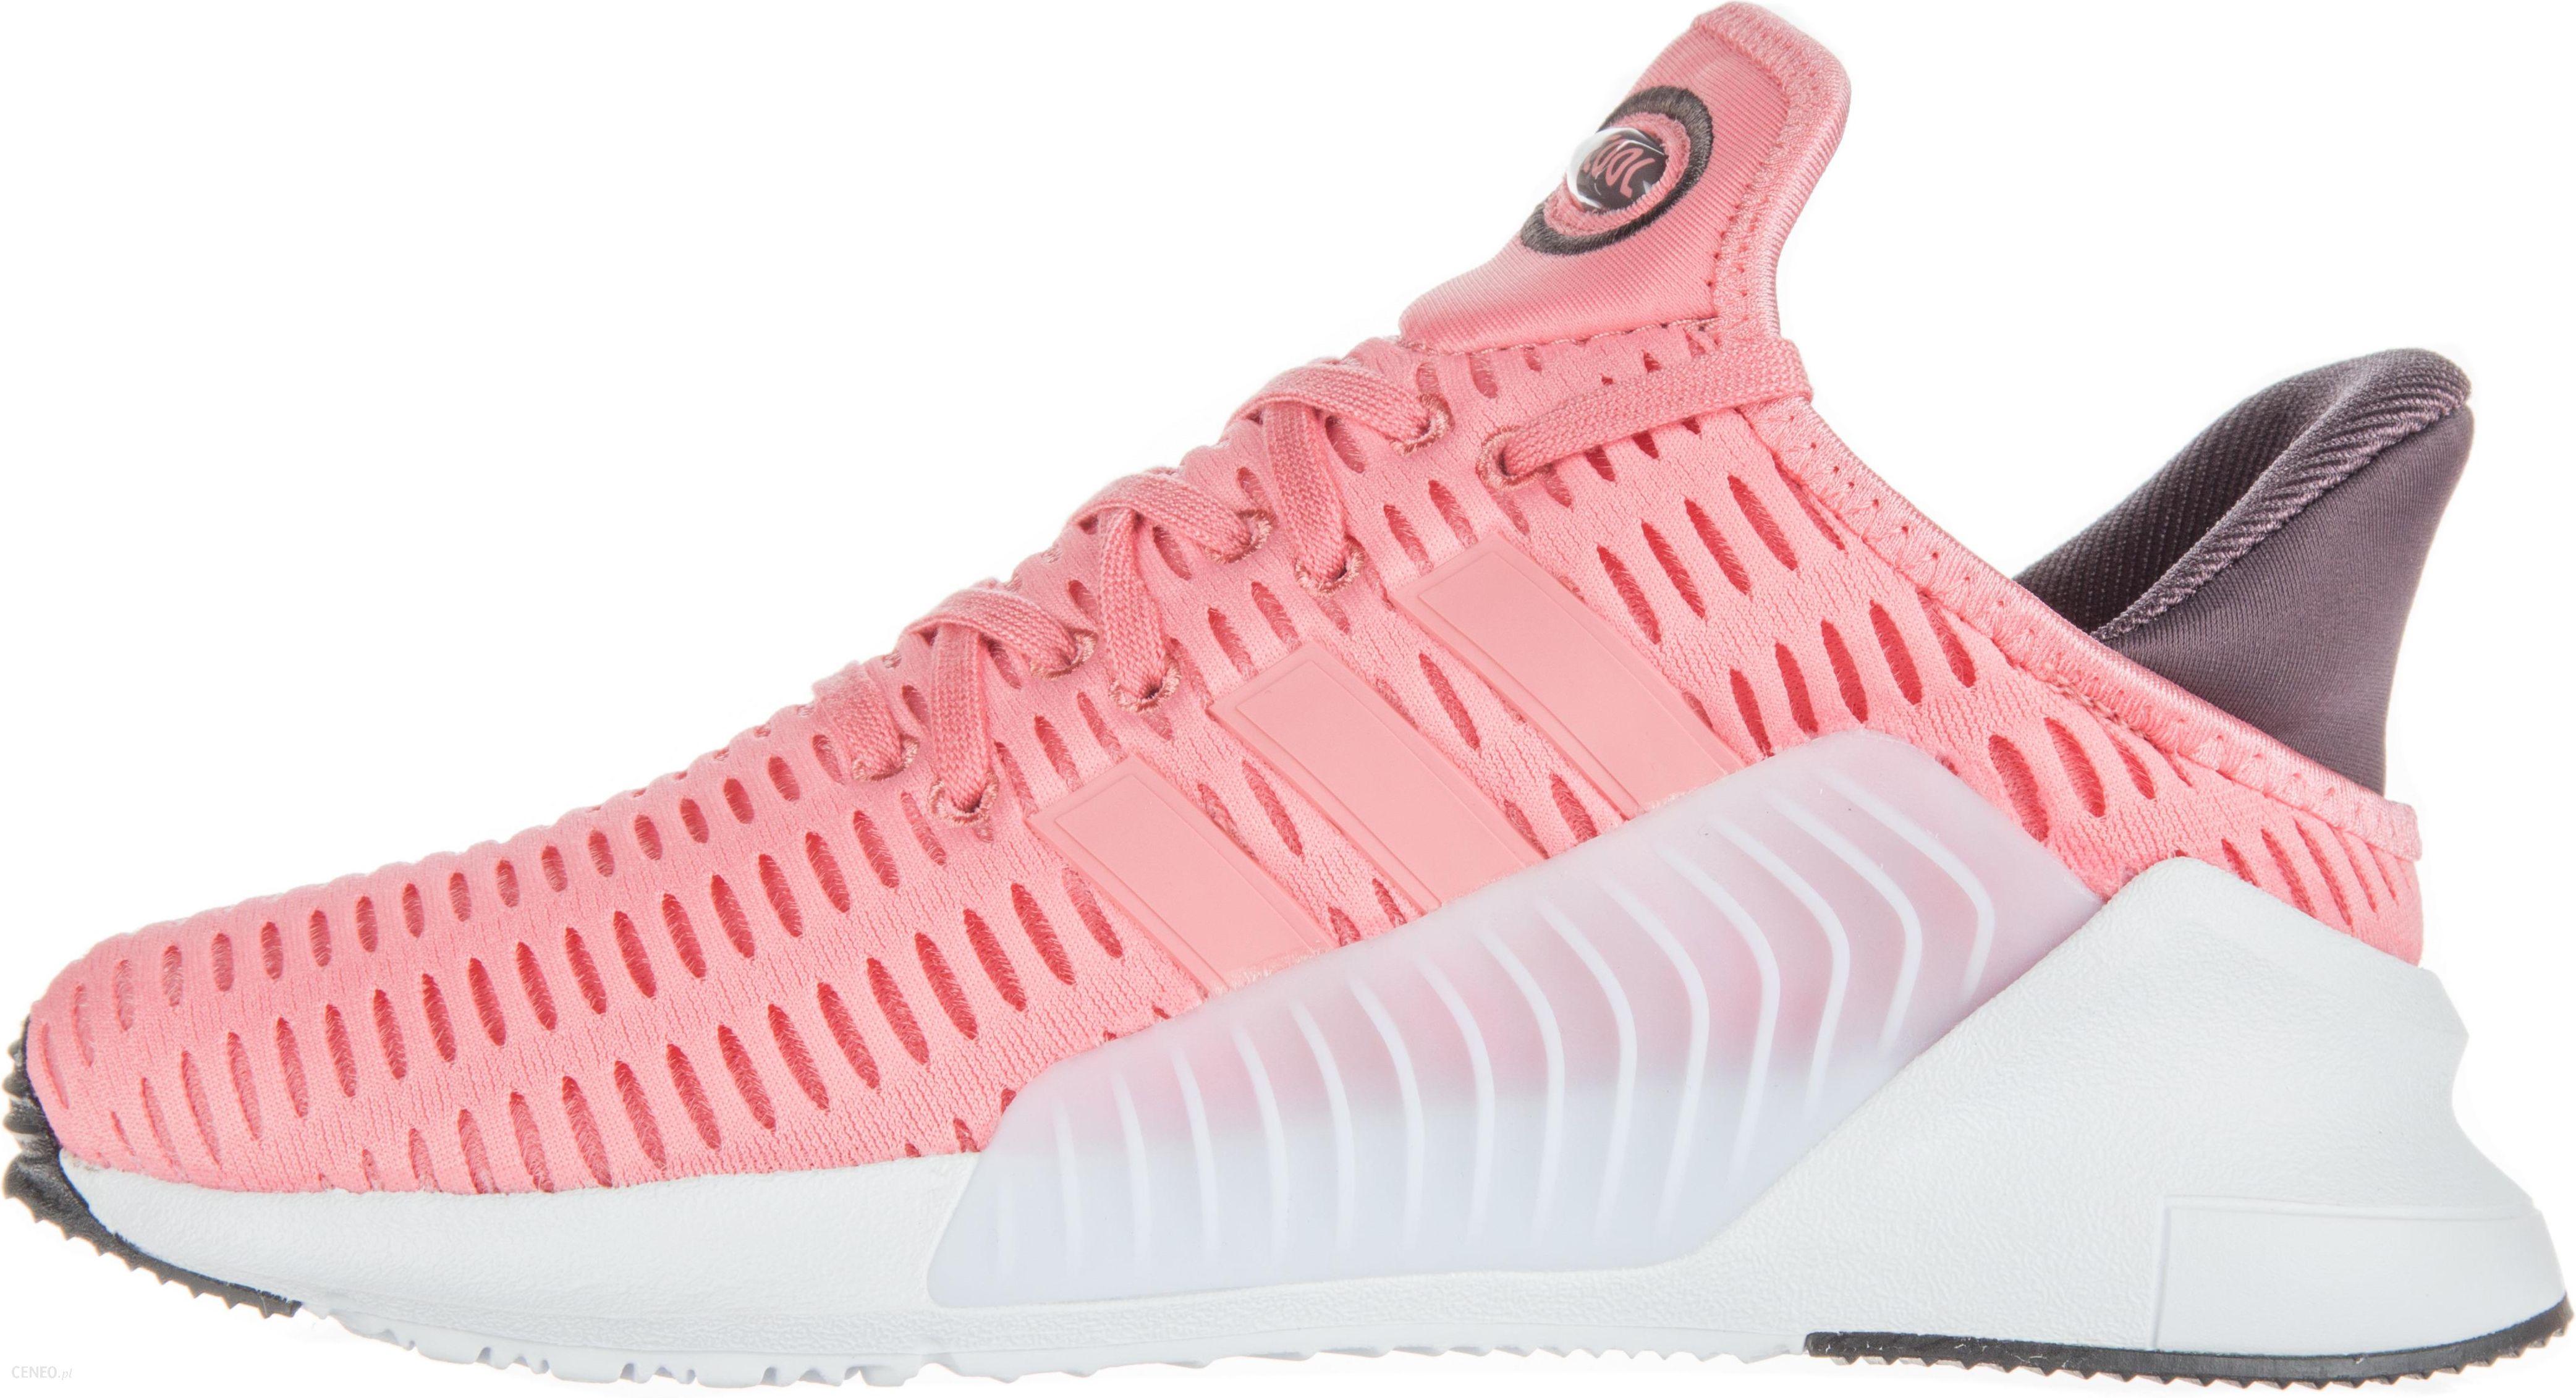 Adidas Originals Climacool 02.17 Sneakers Różowy 36 23 Ceny i opinie Ceneo.pl